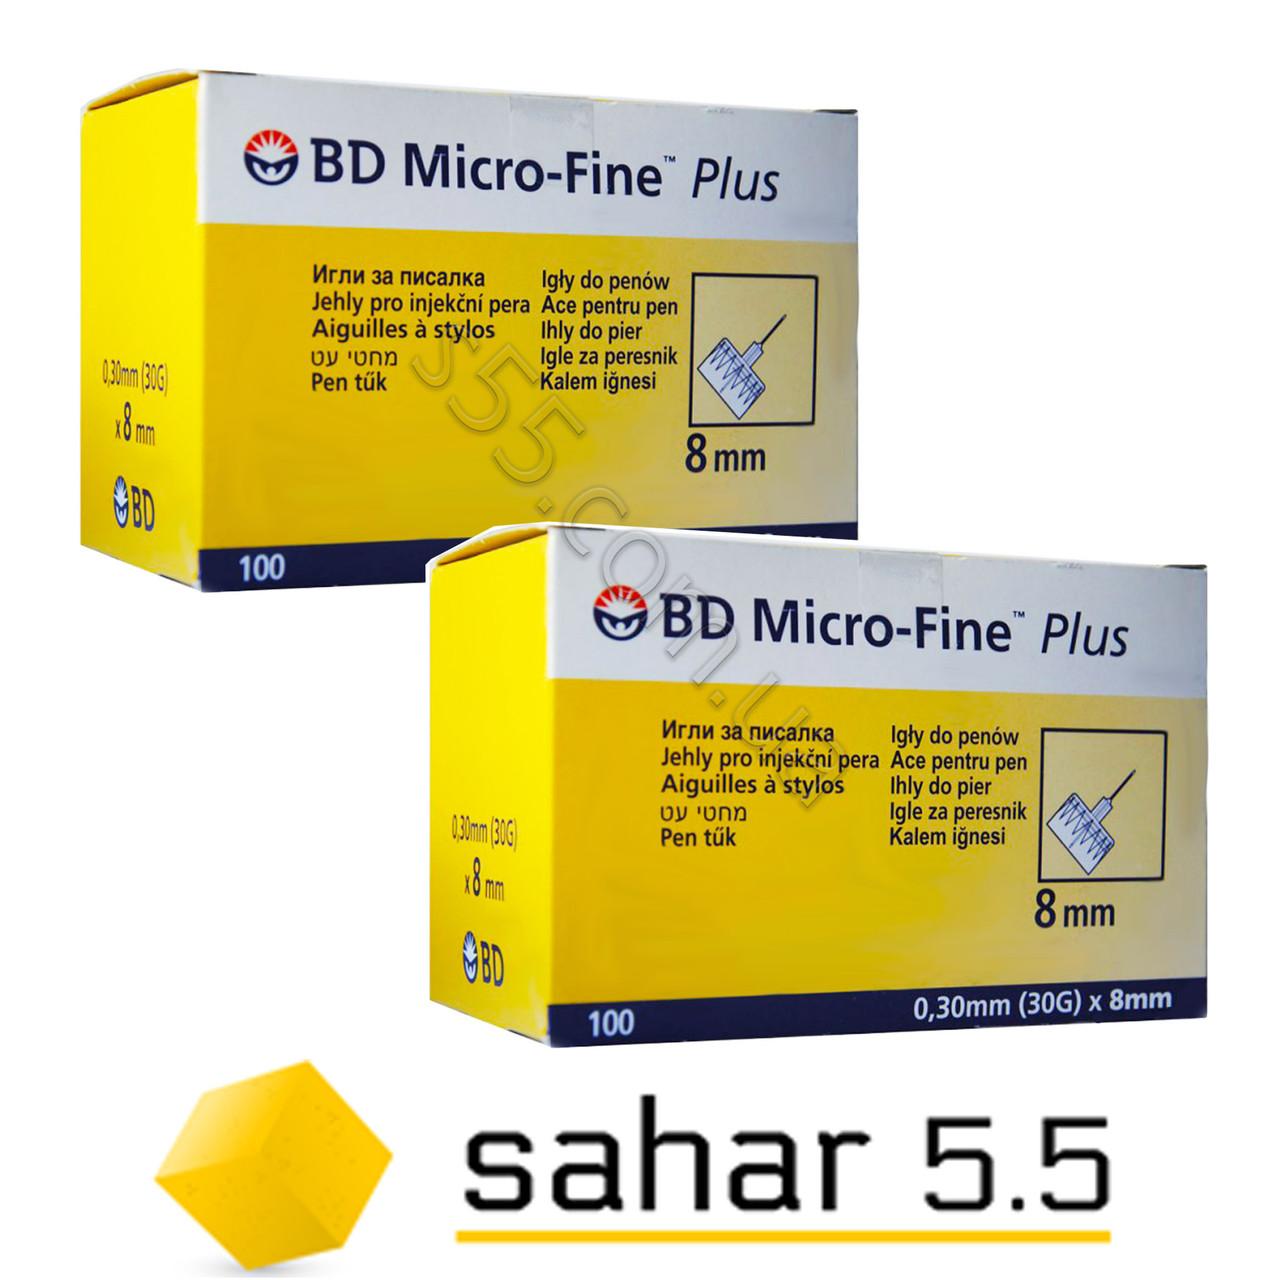 Иглы инсулиновые БД Микрофайн Плюс 8мм -BD Micro-fine Plus 30G, 100шт.- 2 упаковки